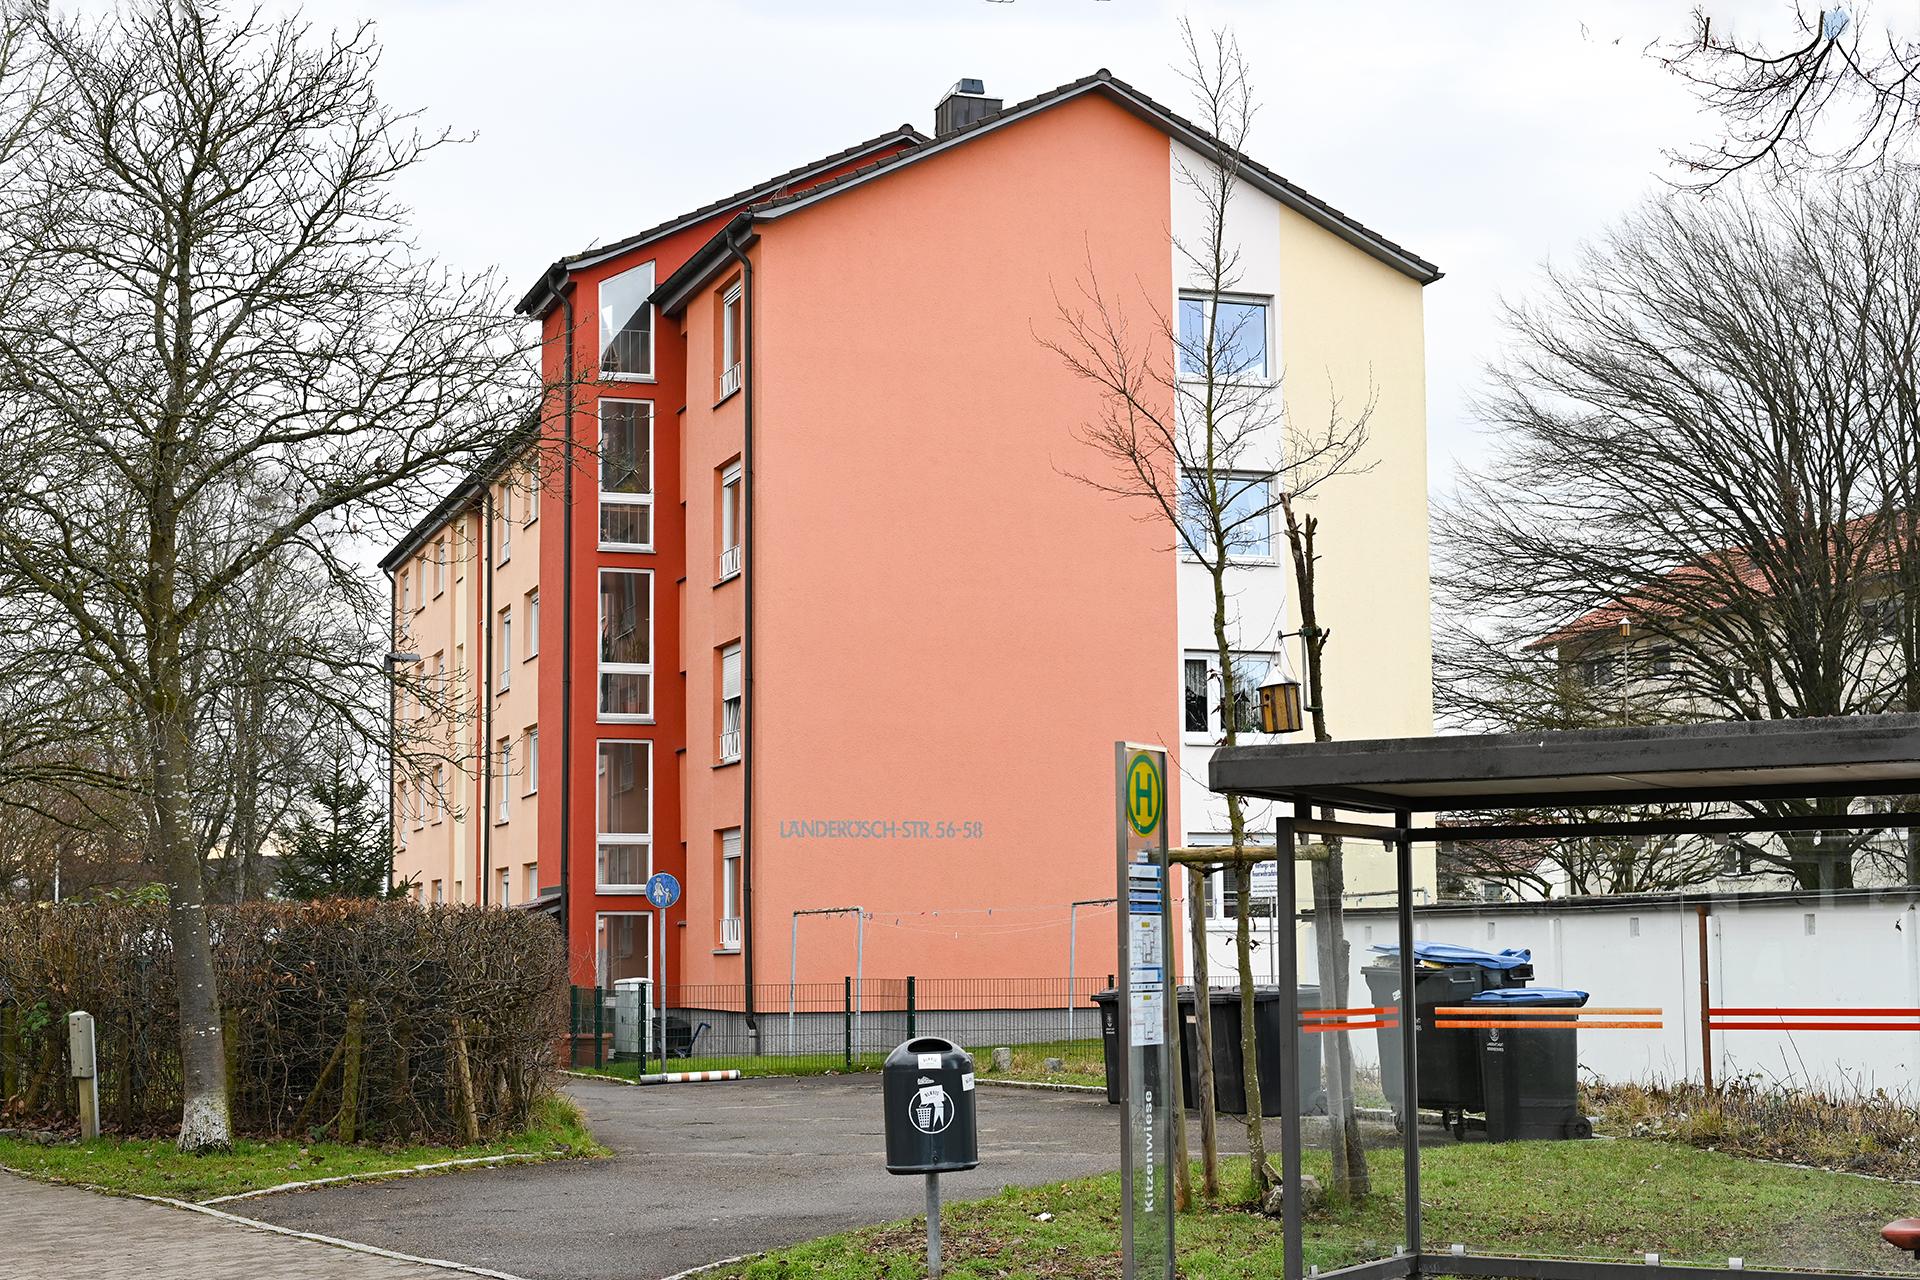 Ferienwohnung am Bodensee: Friedrichshafen - Außenansicht